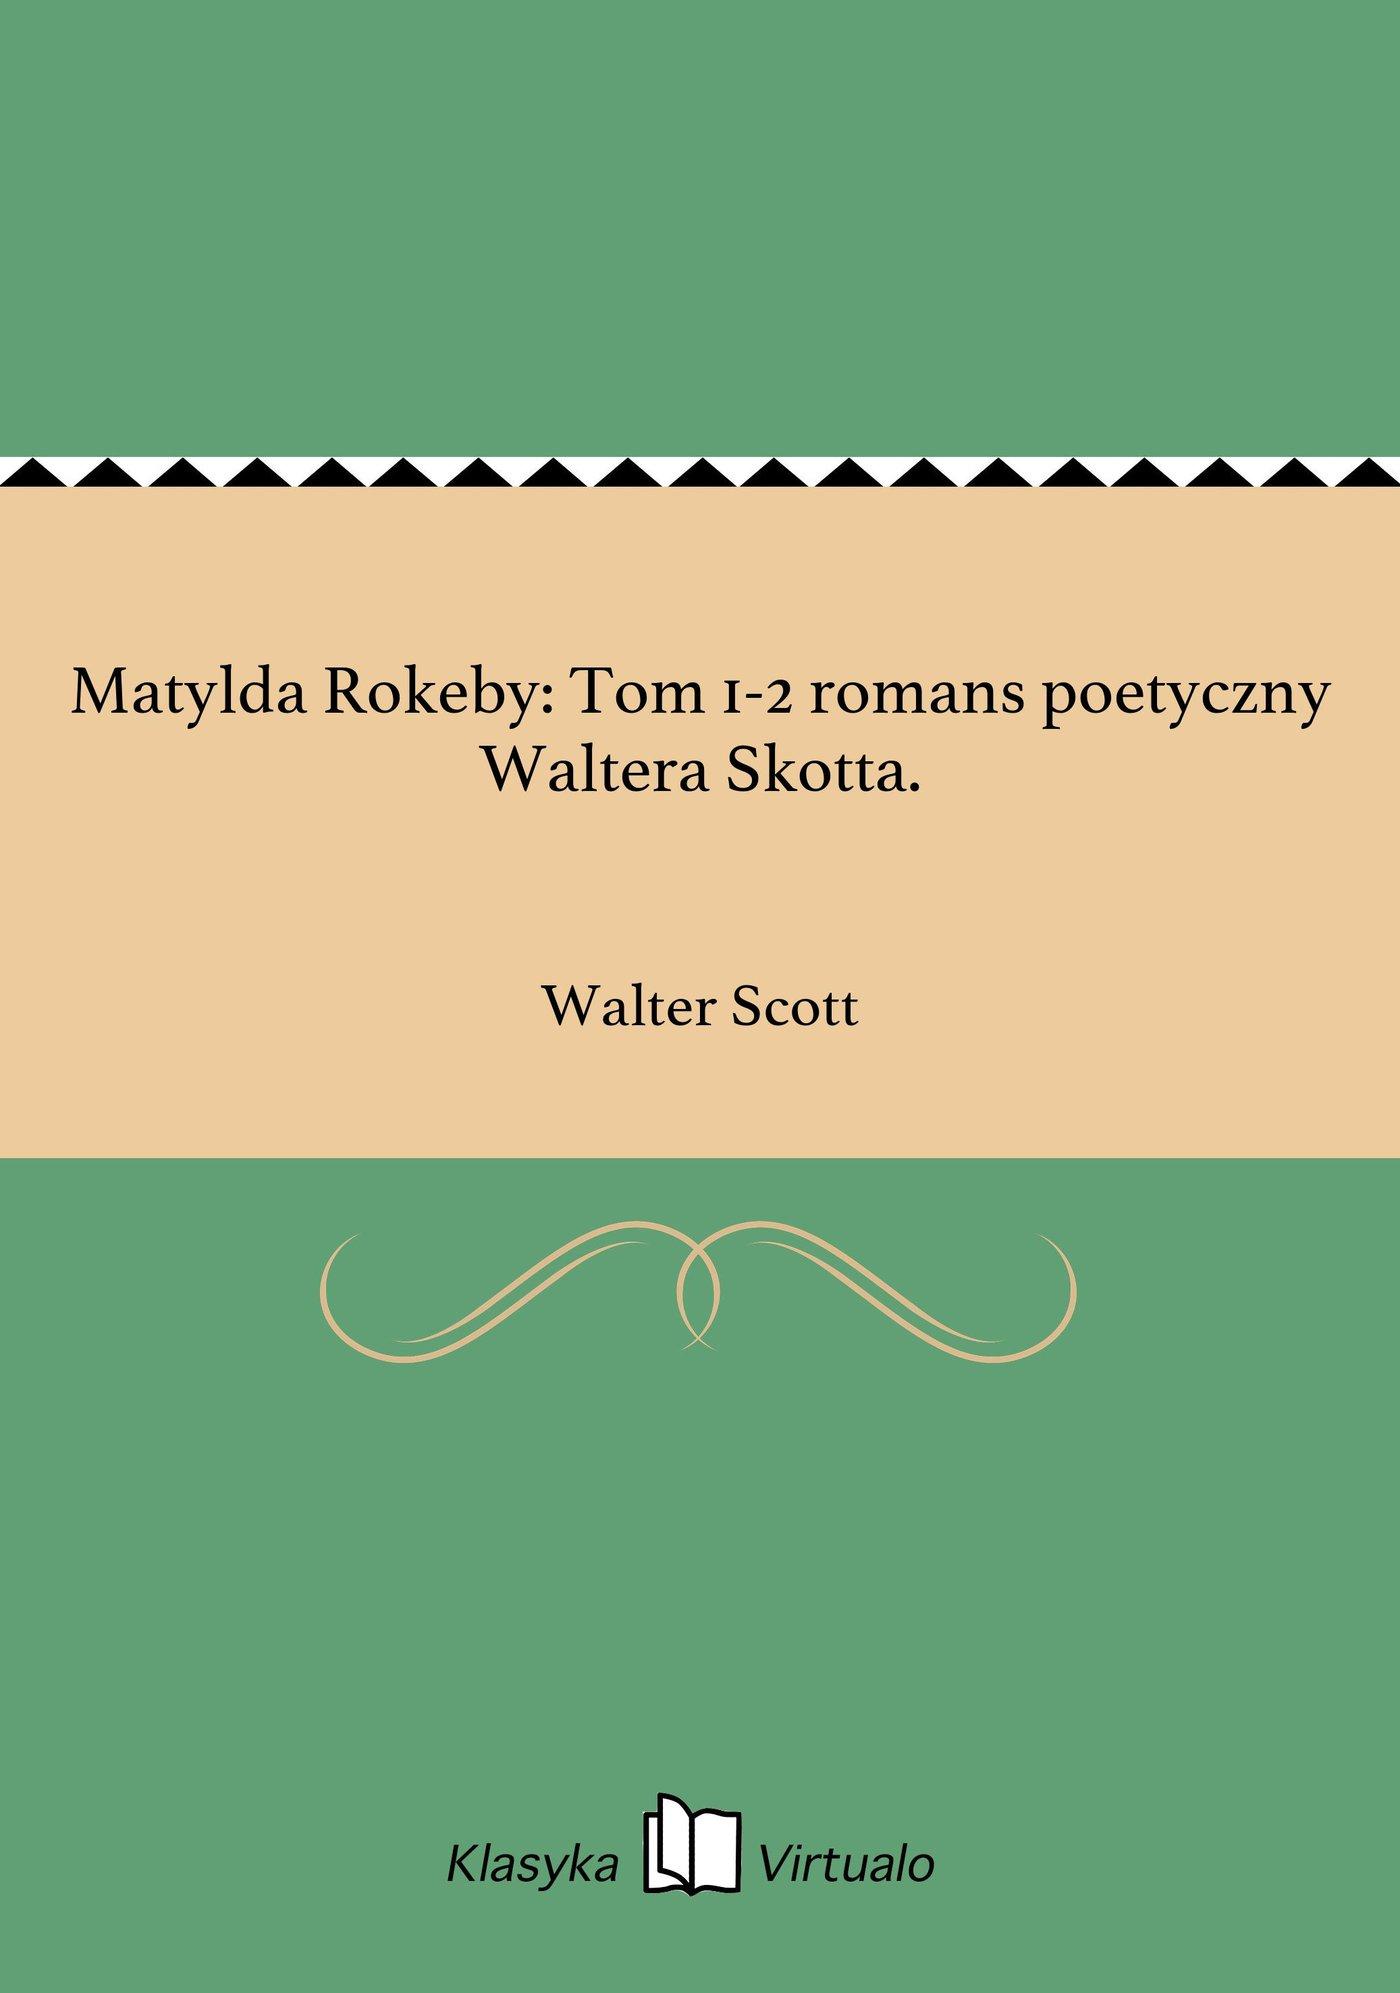 Matylda Rokeby: Tom 1-2 romans poetyczny Waltera Skotta. - Ebook (Książka EPUB) do pobrania w formacie EPUB